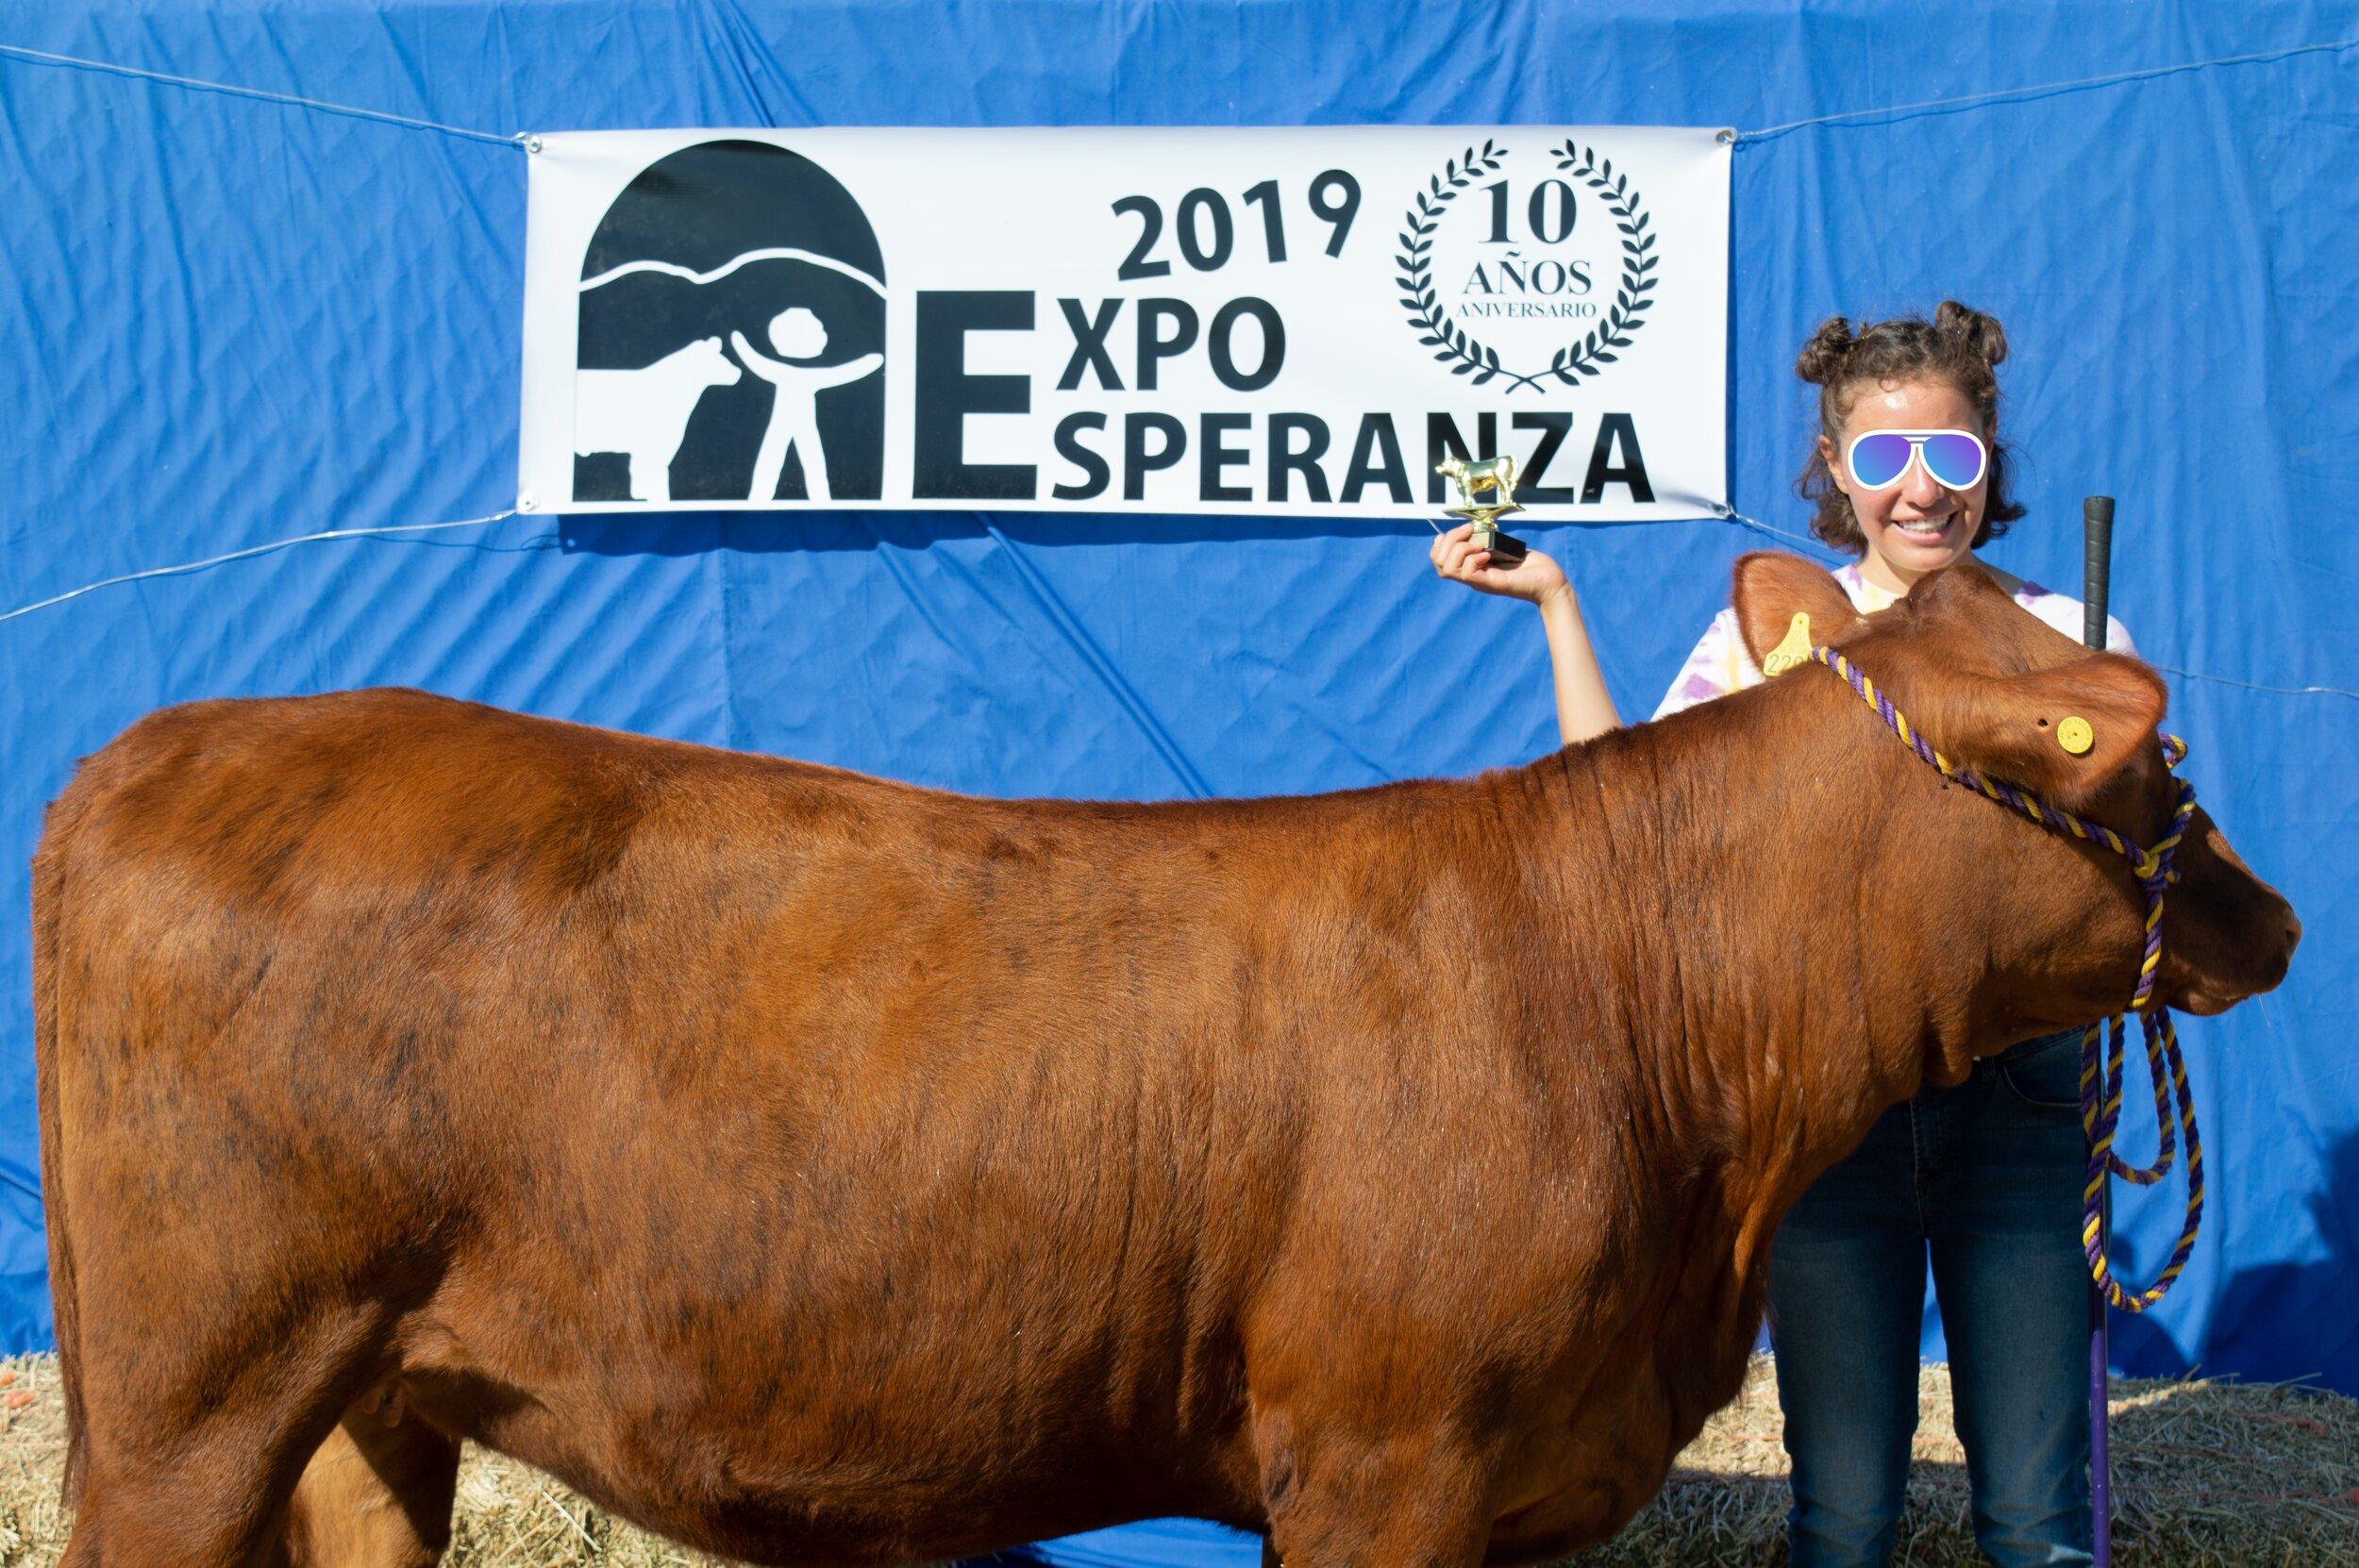 Expo Esperanza (364).jpg